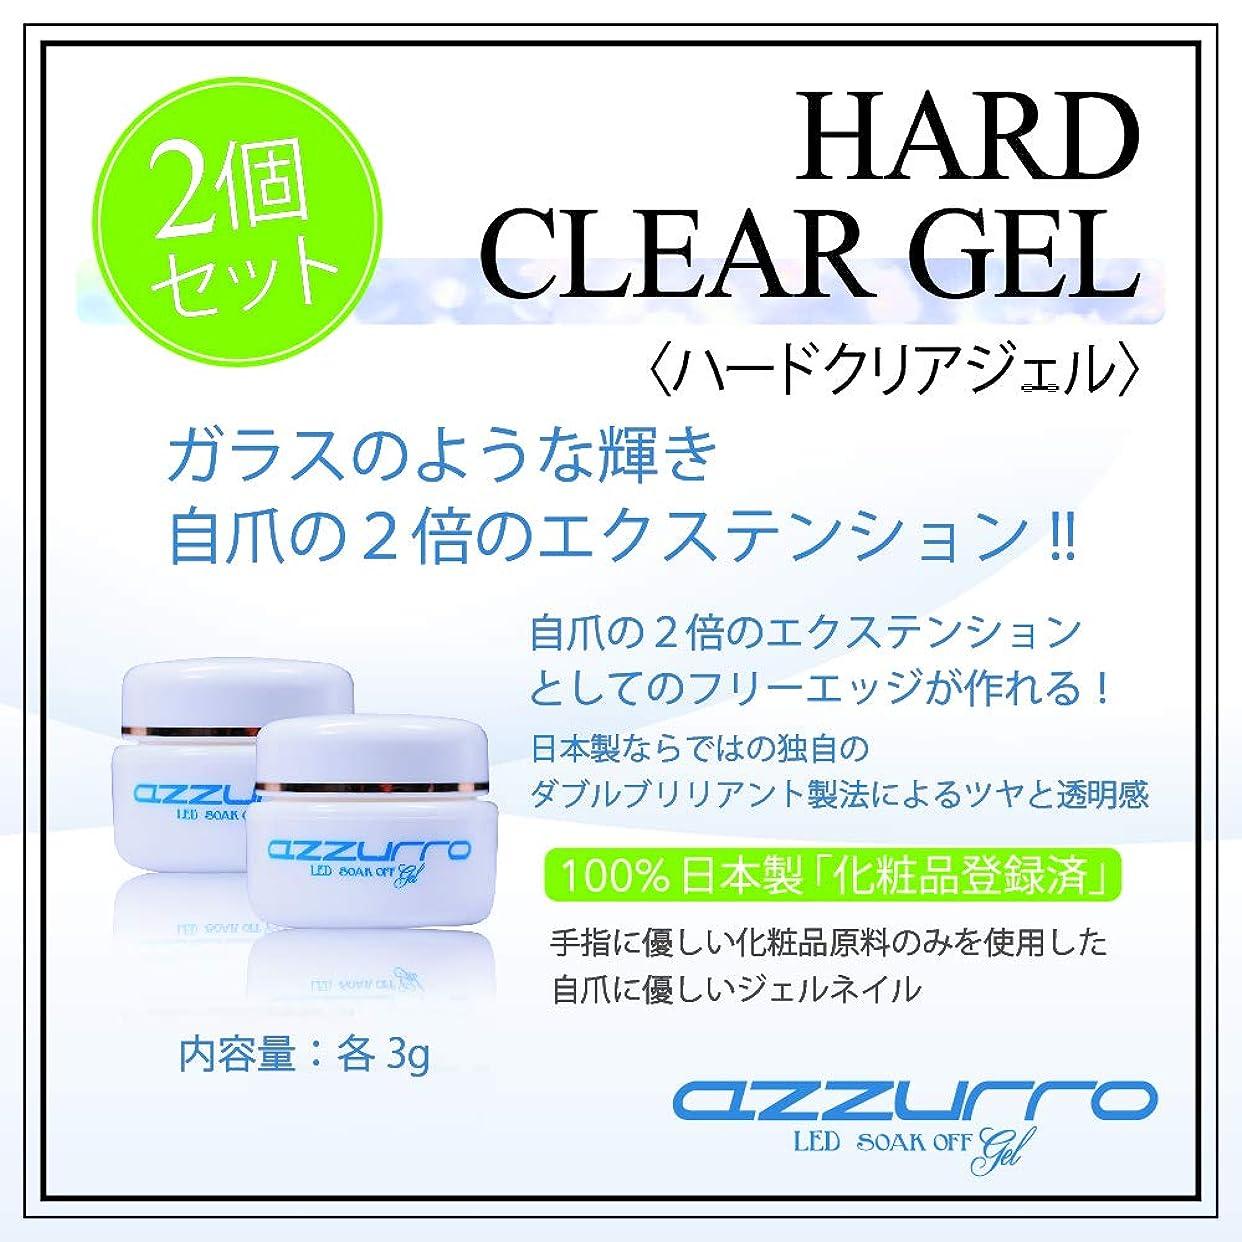 更新払い戻し娘azzurro gel アッズーロハードクリアージェル 3g お得な2個セット キラキラ感持続 抜群のツヤ